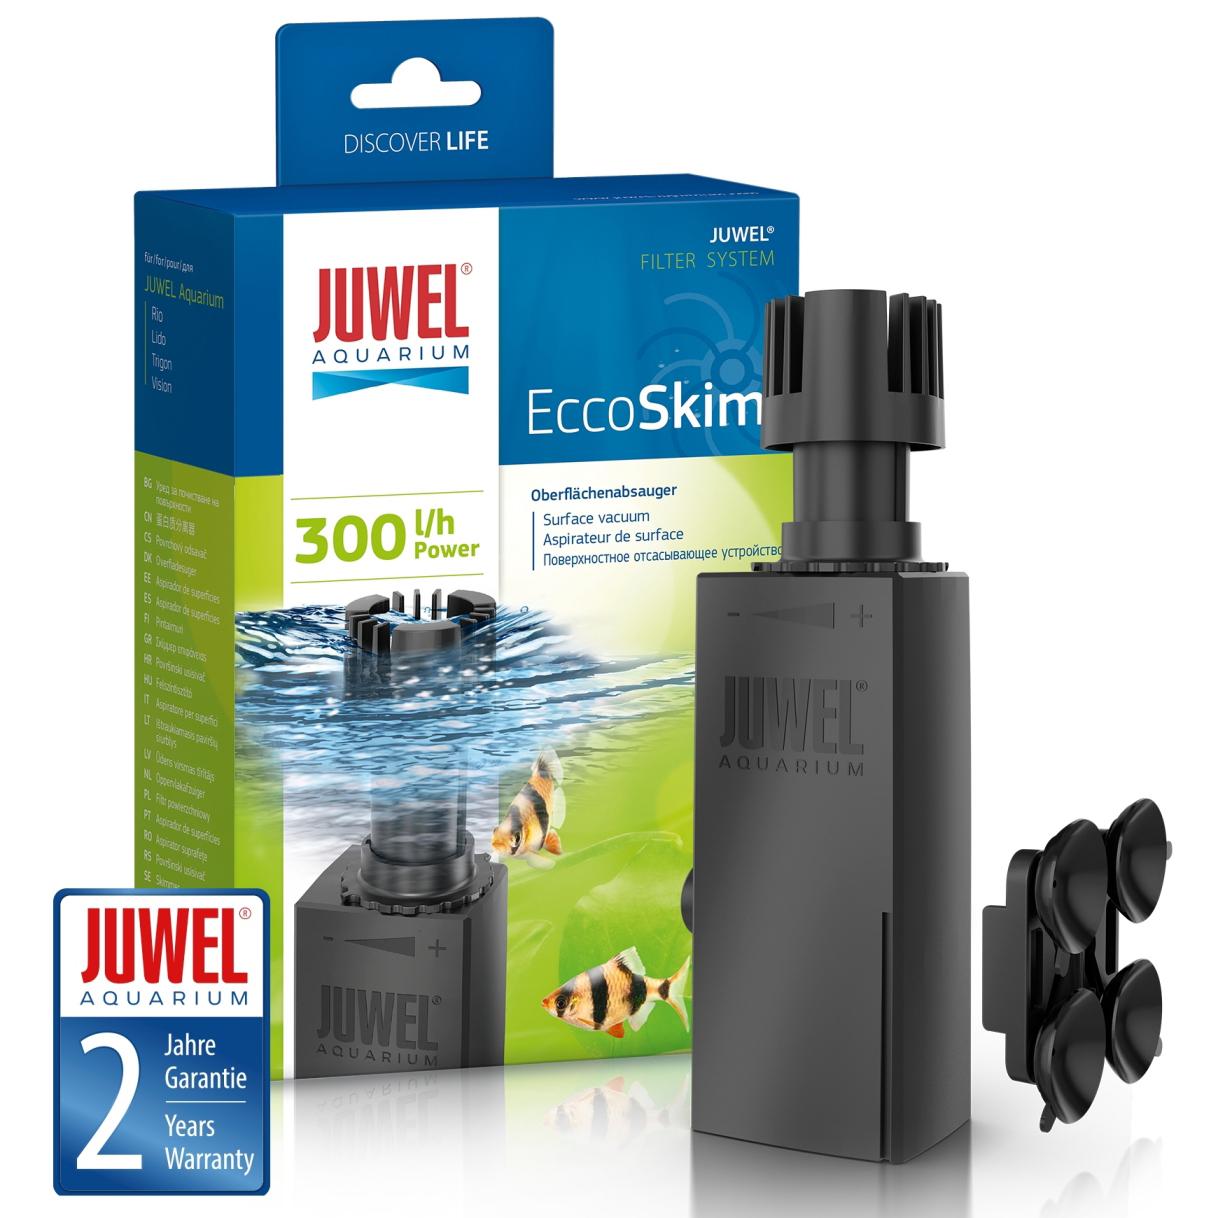 Скиммер Juwel EccoSkim 300 л/час для сбора мусора и бактериальной пленки